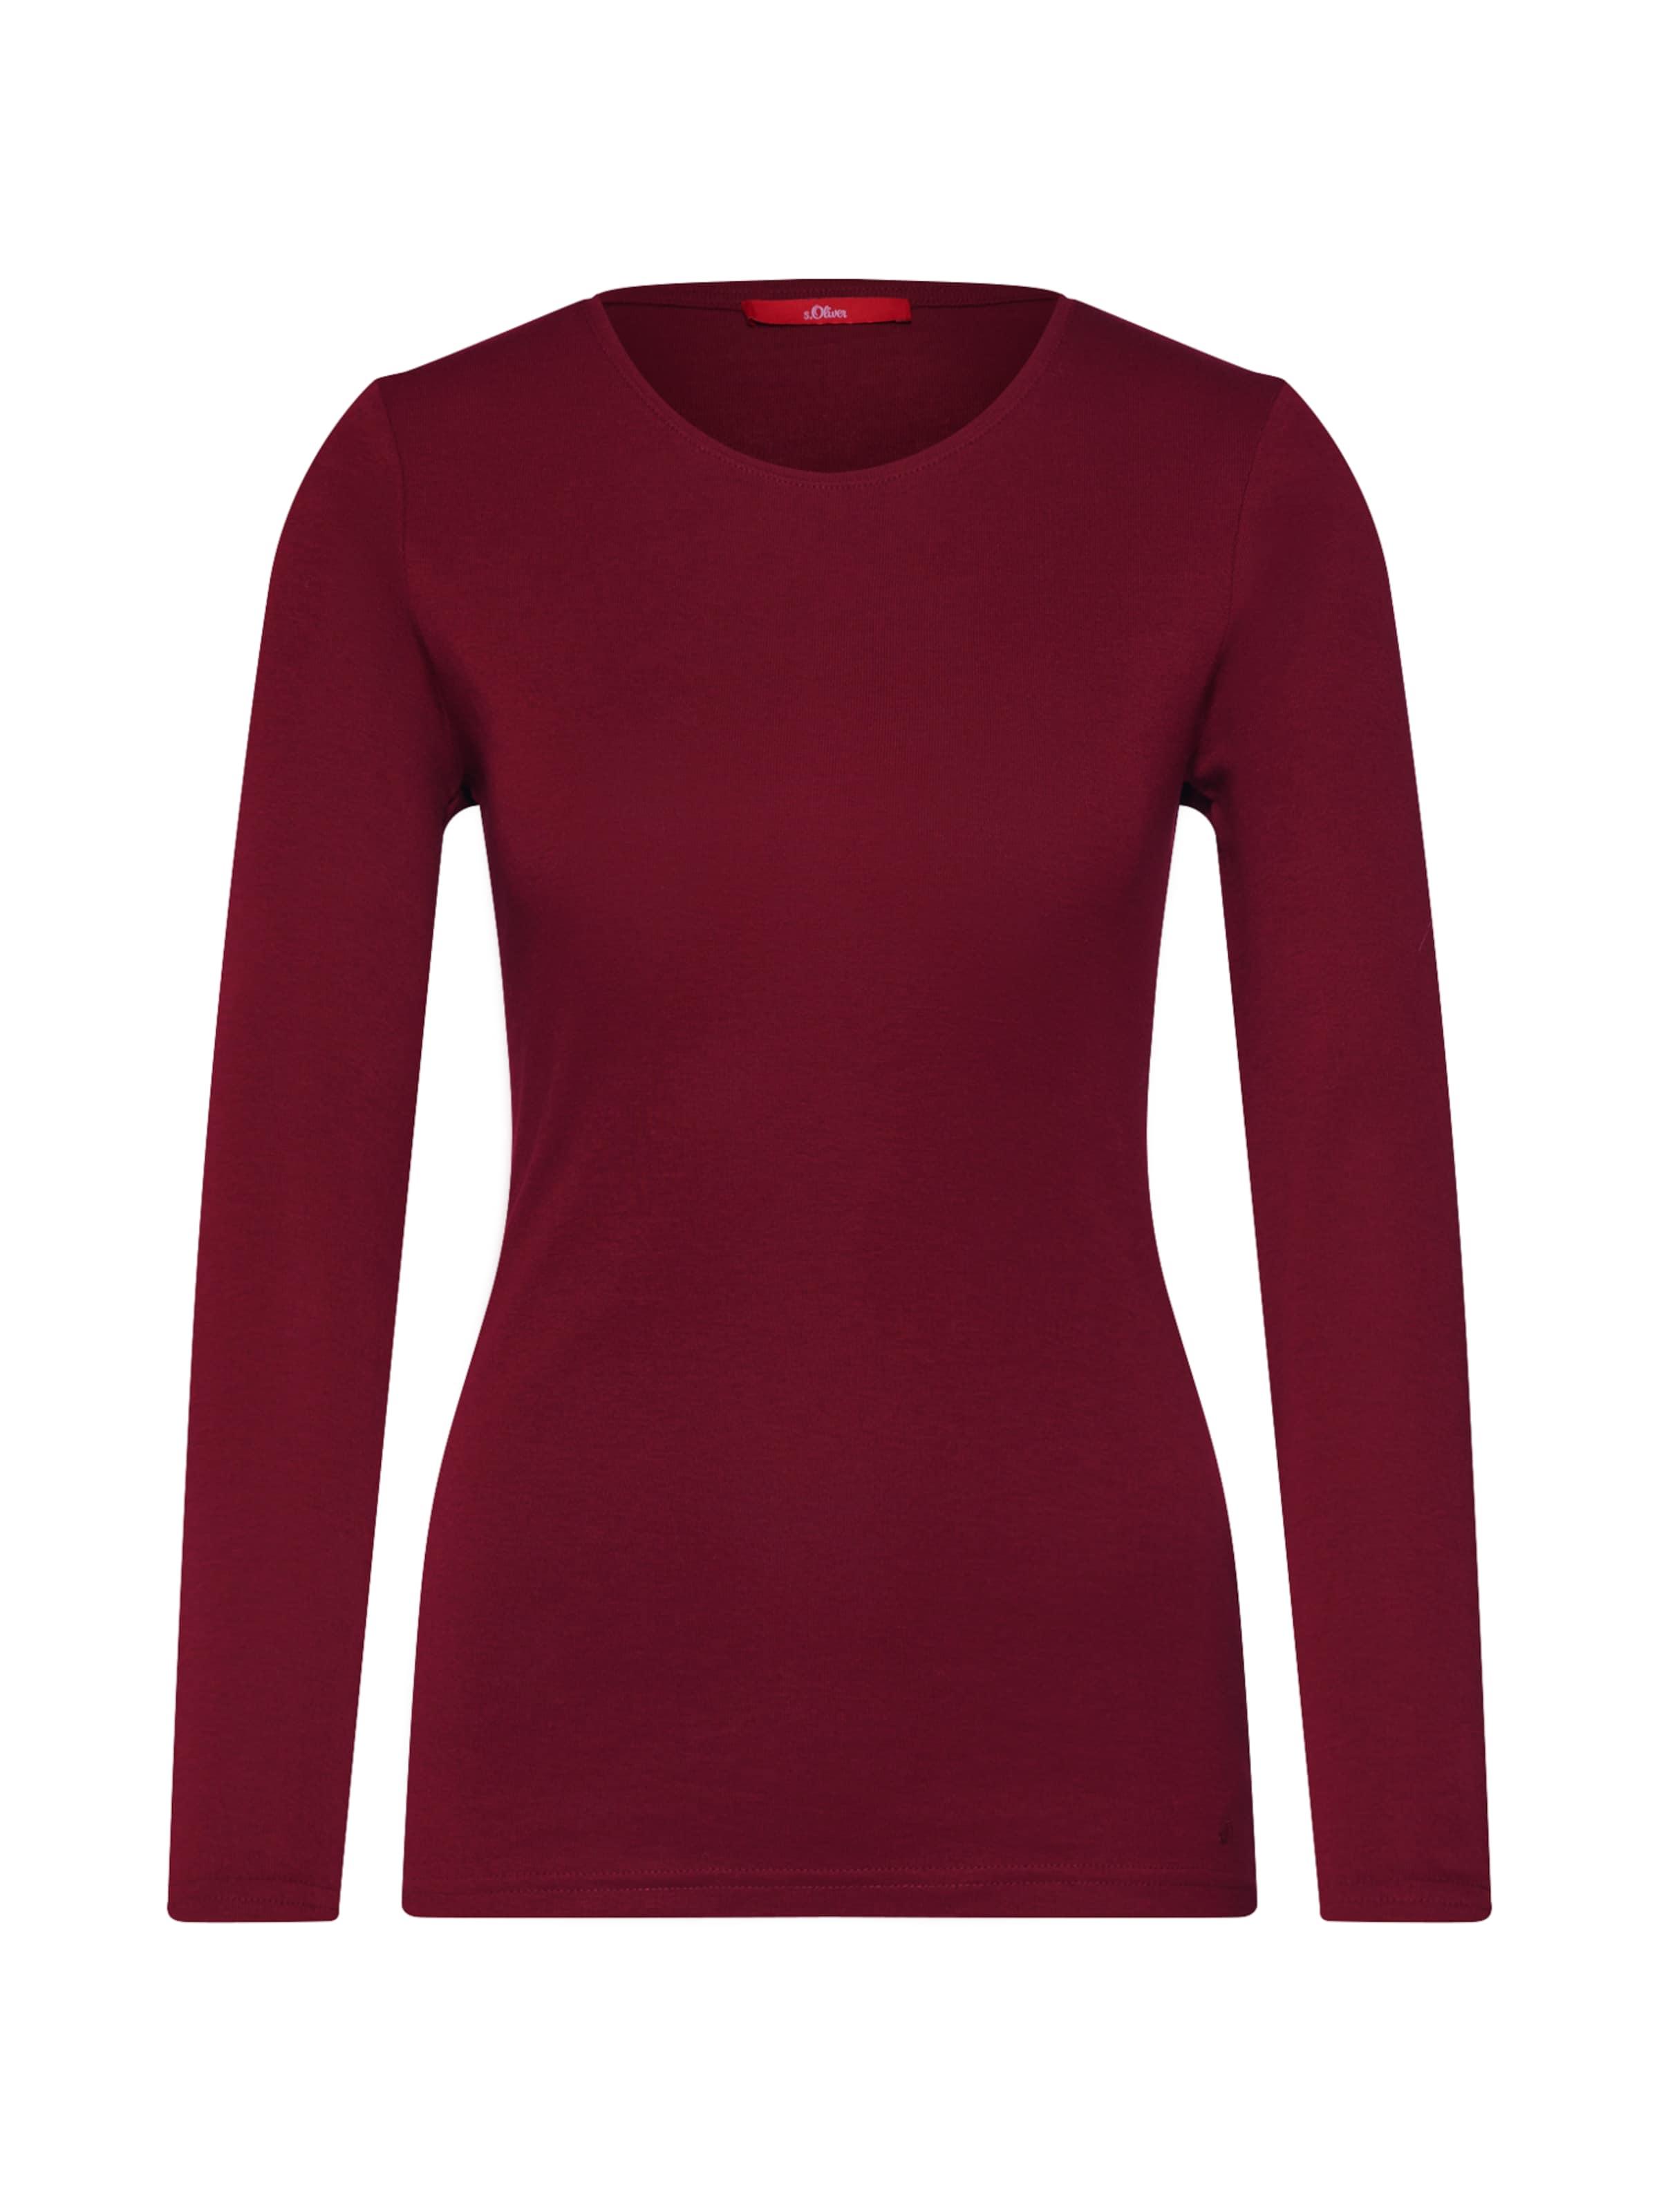 S oliver Shirt S In oliver Shirt Bordeaux oliver S Bordeaux Shirt In Lj54AR